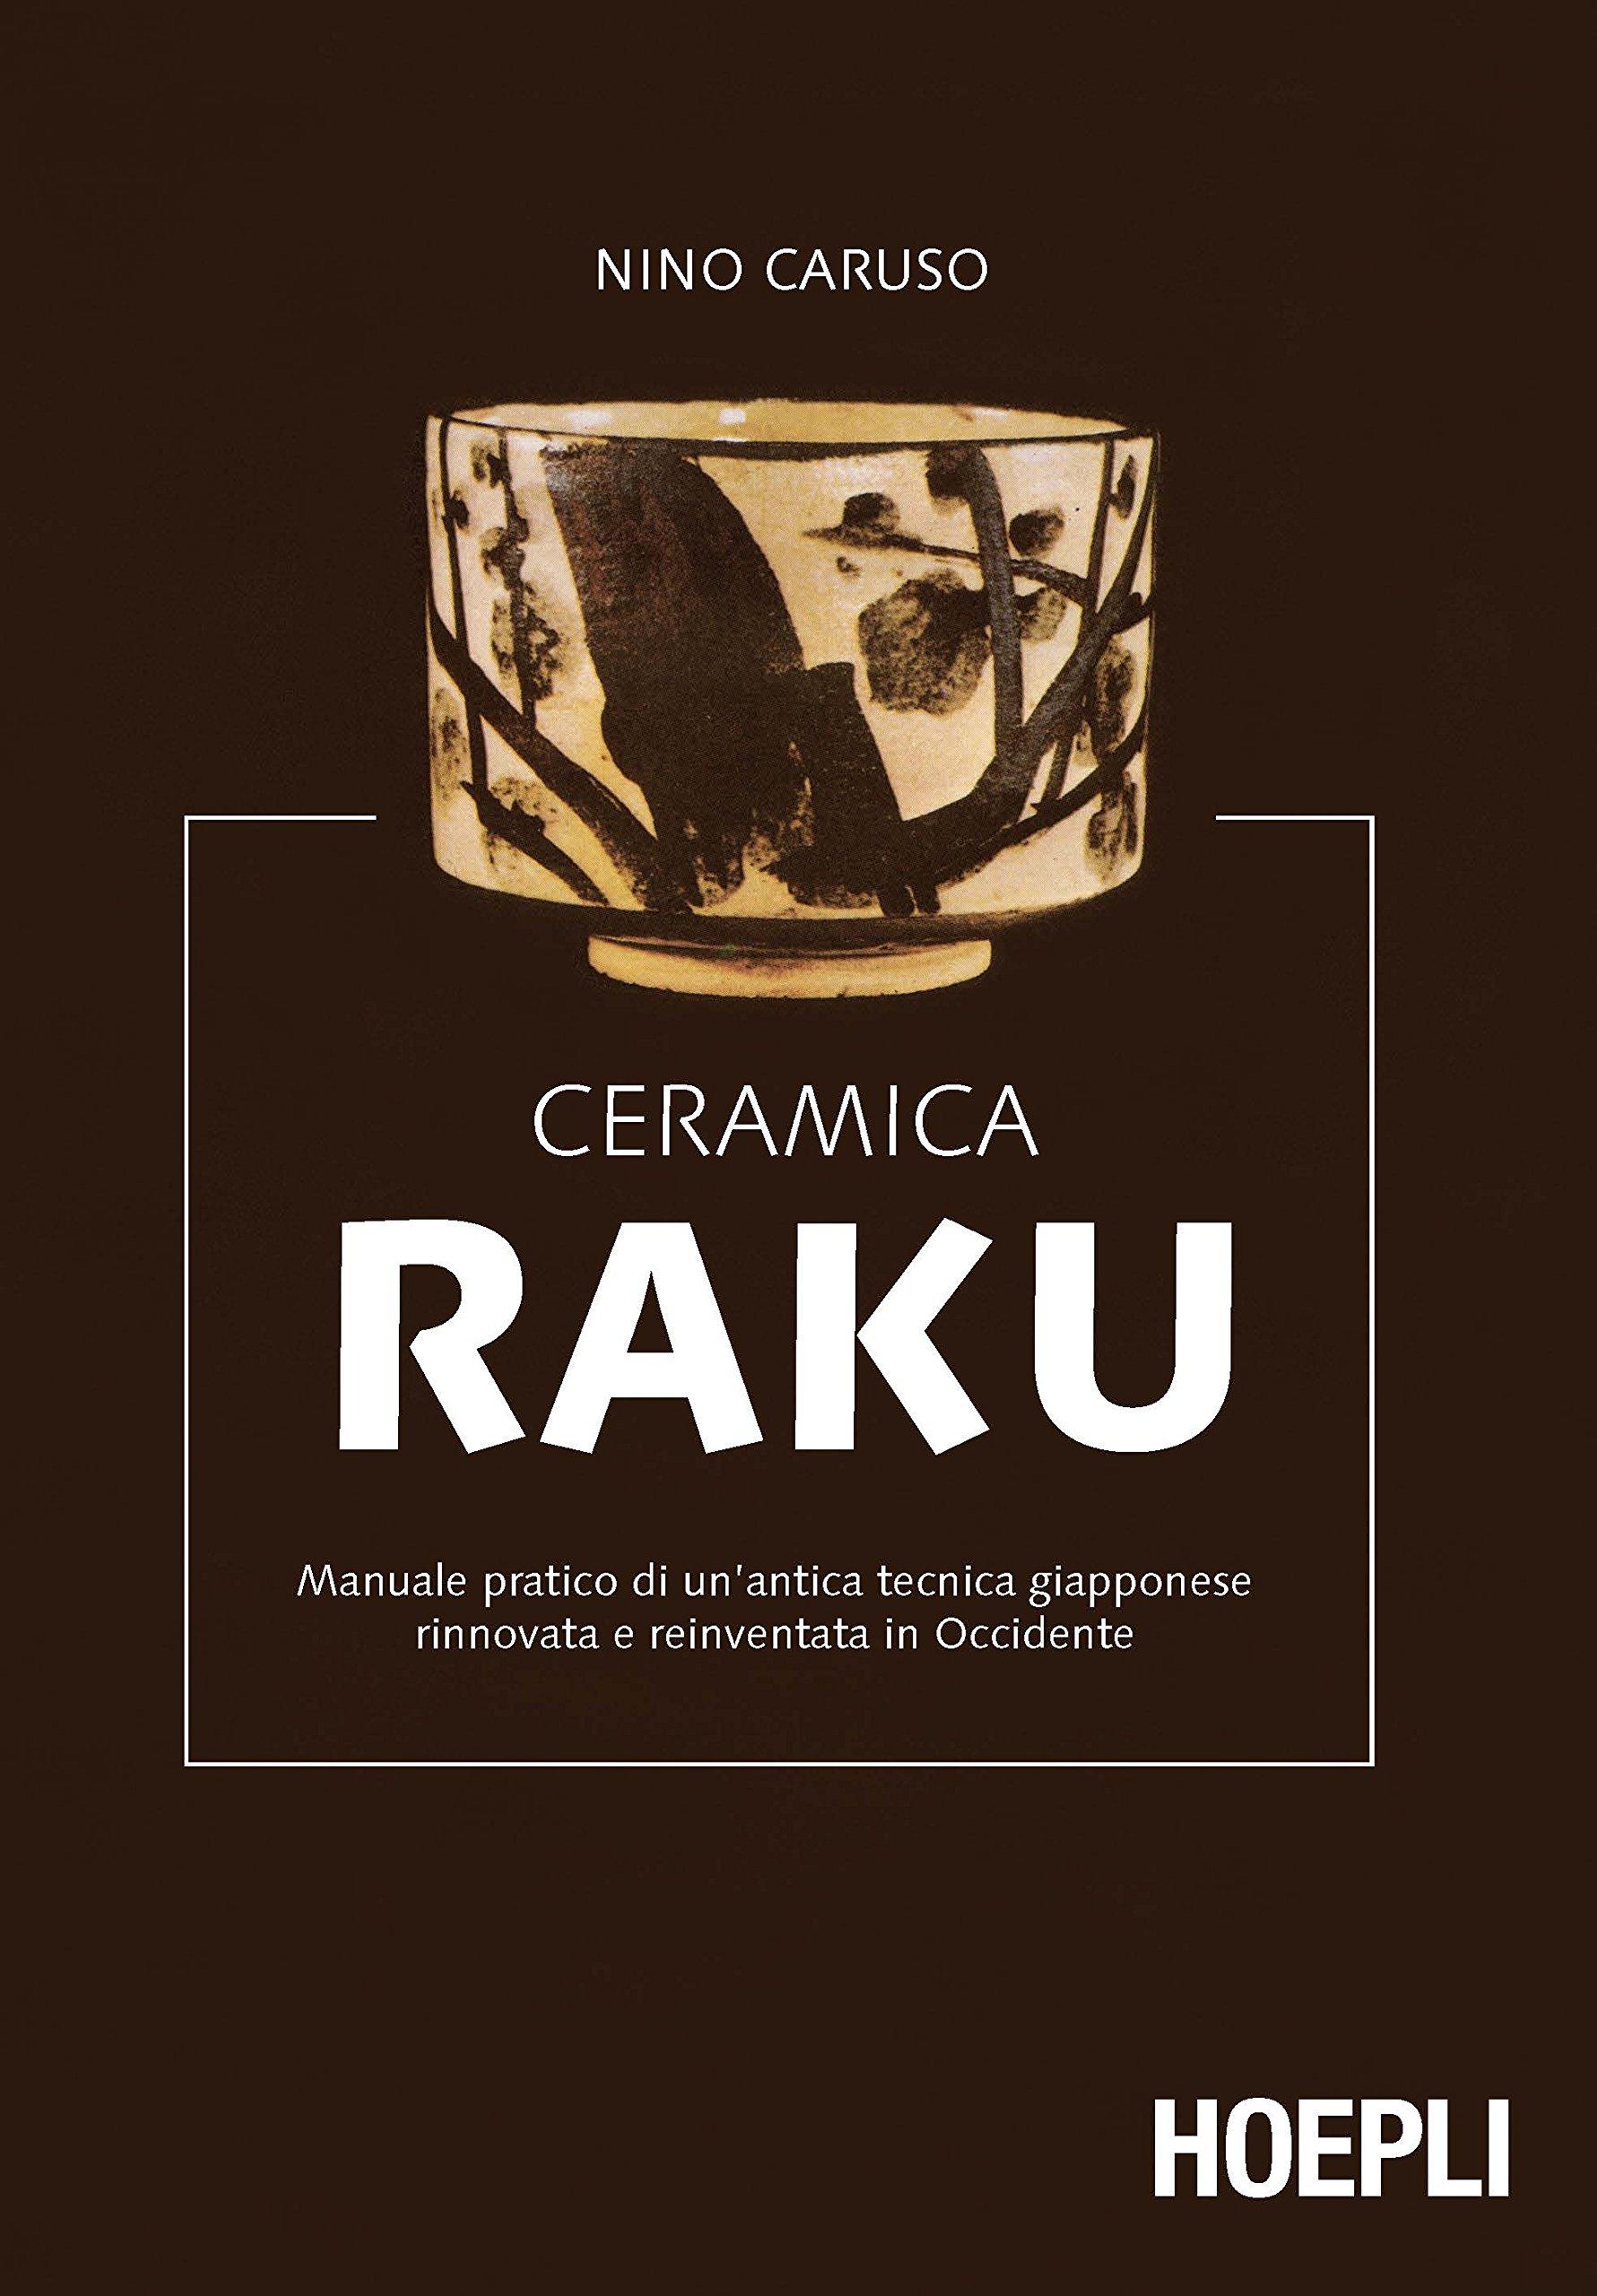 Ceramica Viva Nino Caruso.Ceramica Raku Amazon Co Uk Nino Caruso 9788820327408 Books